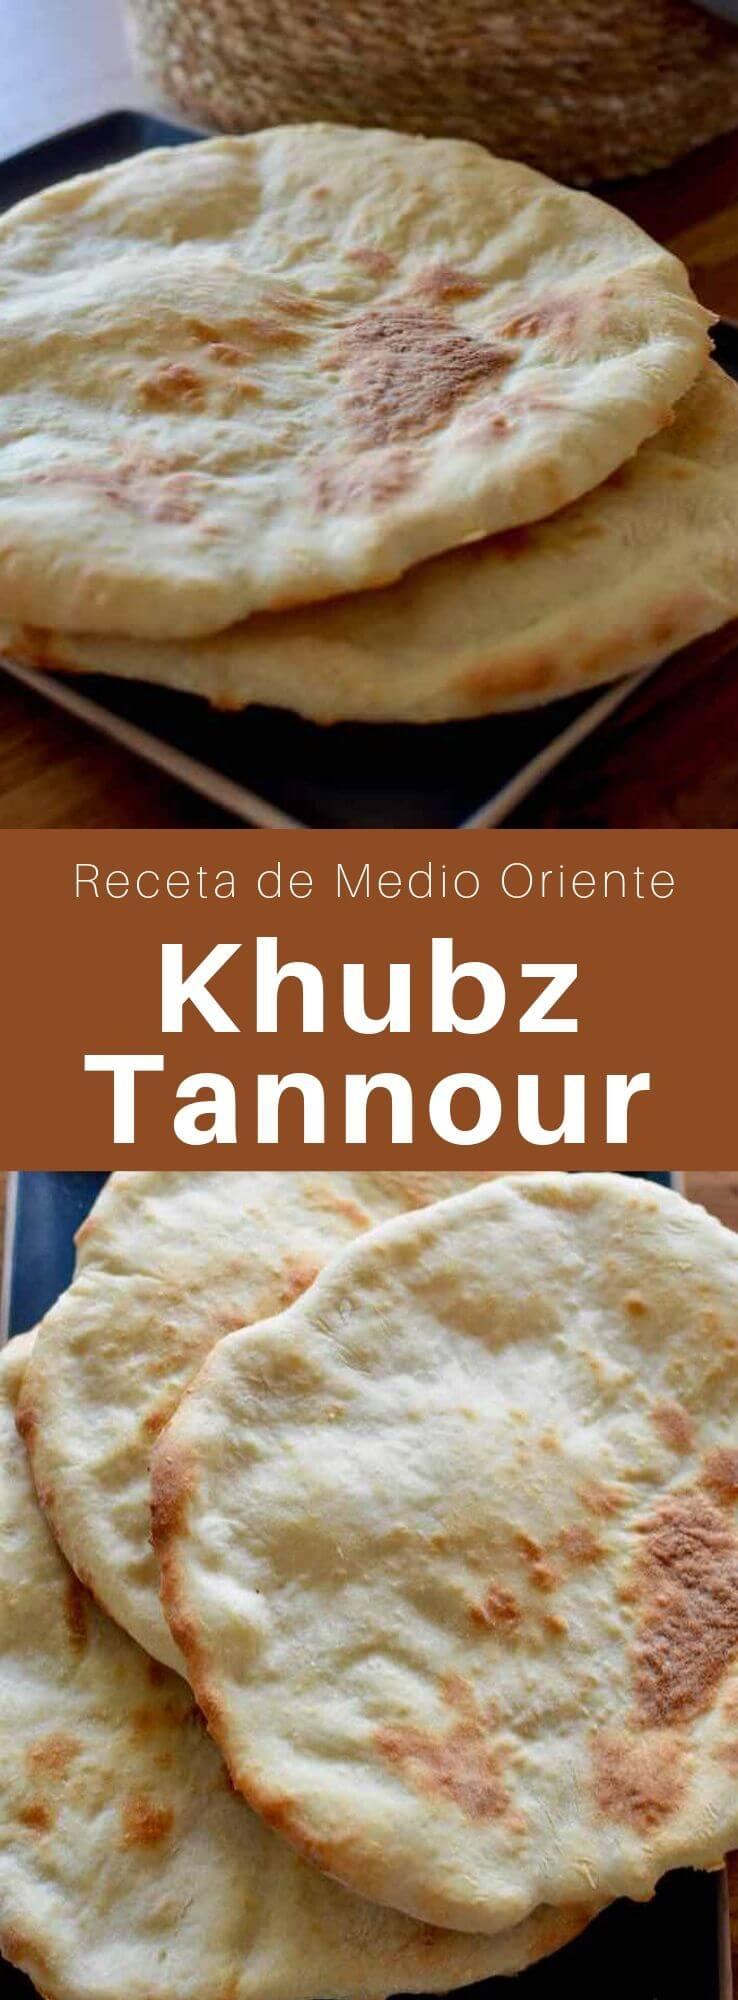 El khubz tannour es un delicioso pan plano tradicional conocido en Iraq, pero también en el Oriente Medio en general.